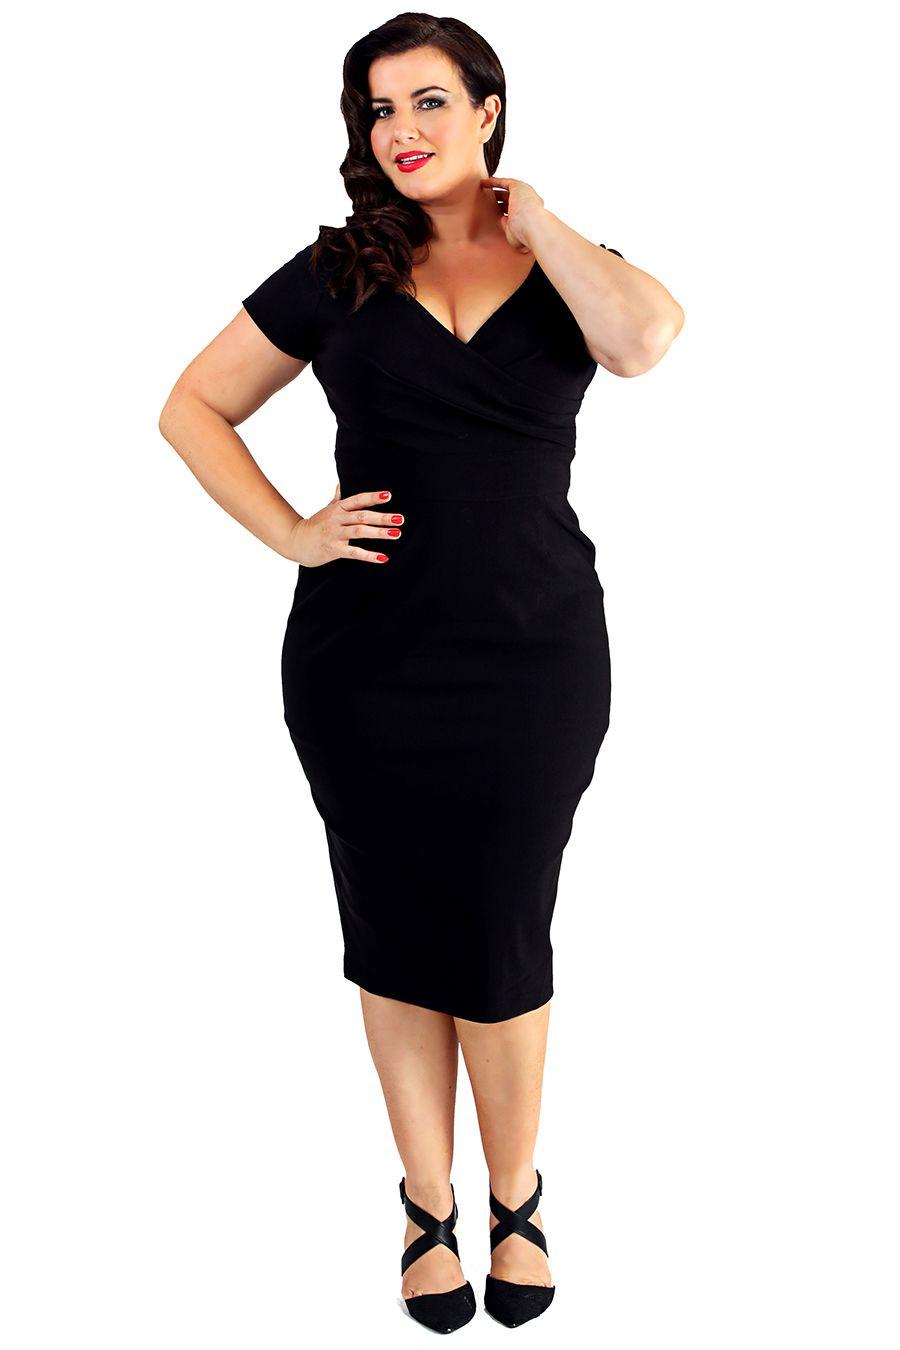 99bad1607f3 Retro šaty Lady V London Black Ursula Retro šaty ve stylu 50. let. Stylový